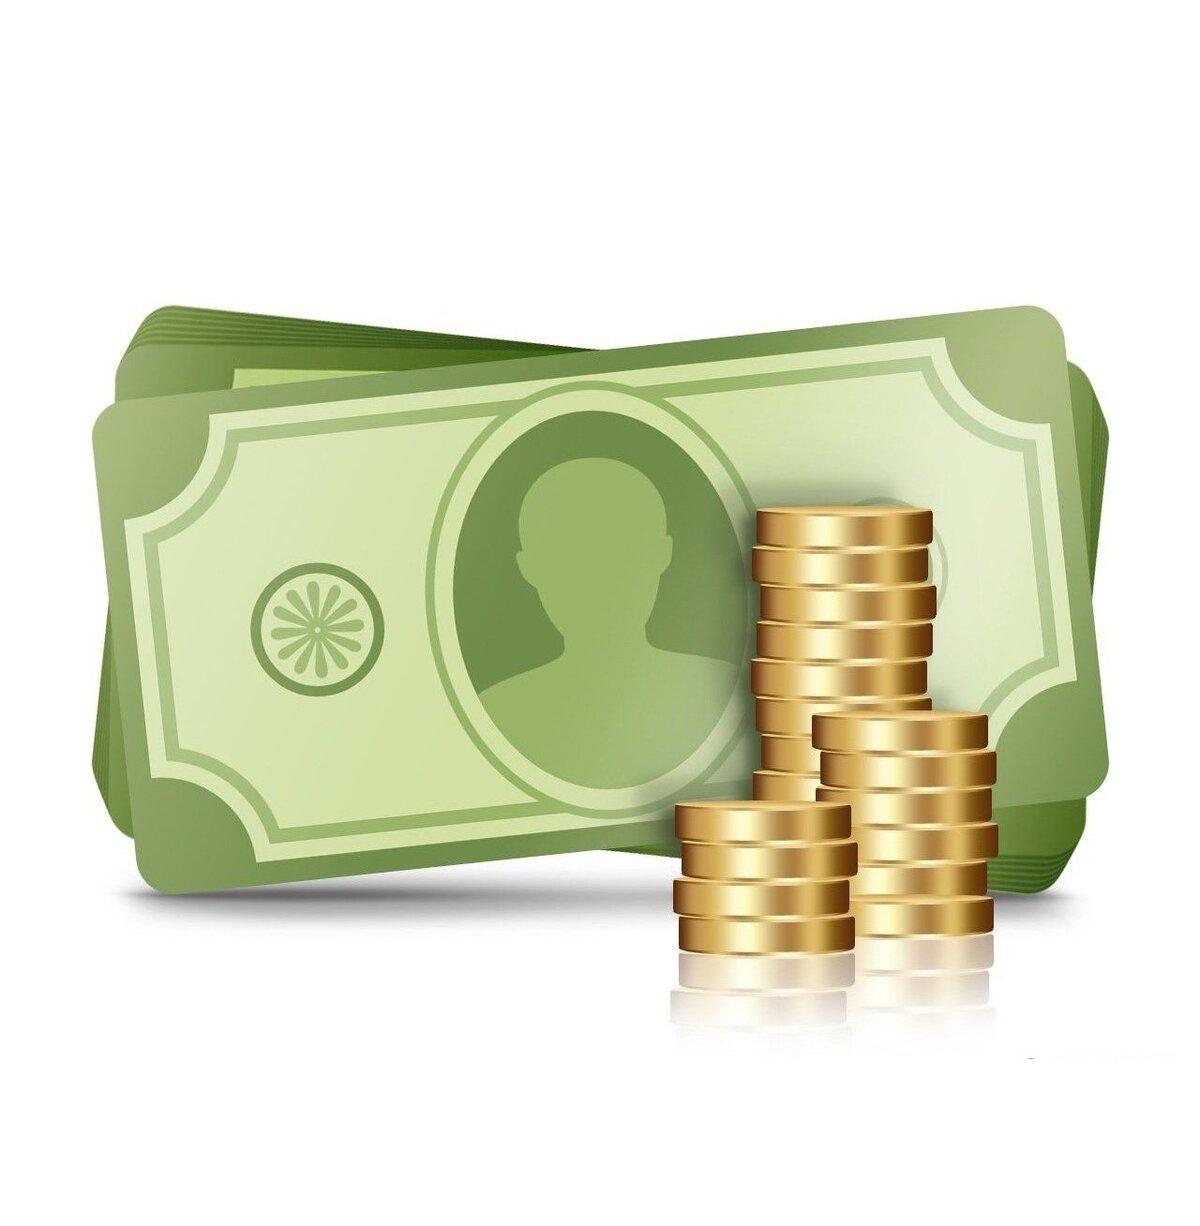 Картинки зефир, финансы картинки на прозрачном фоне